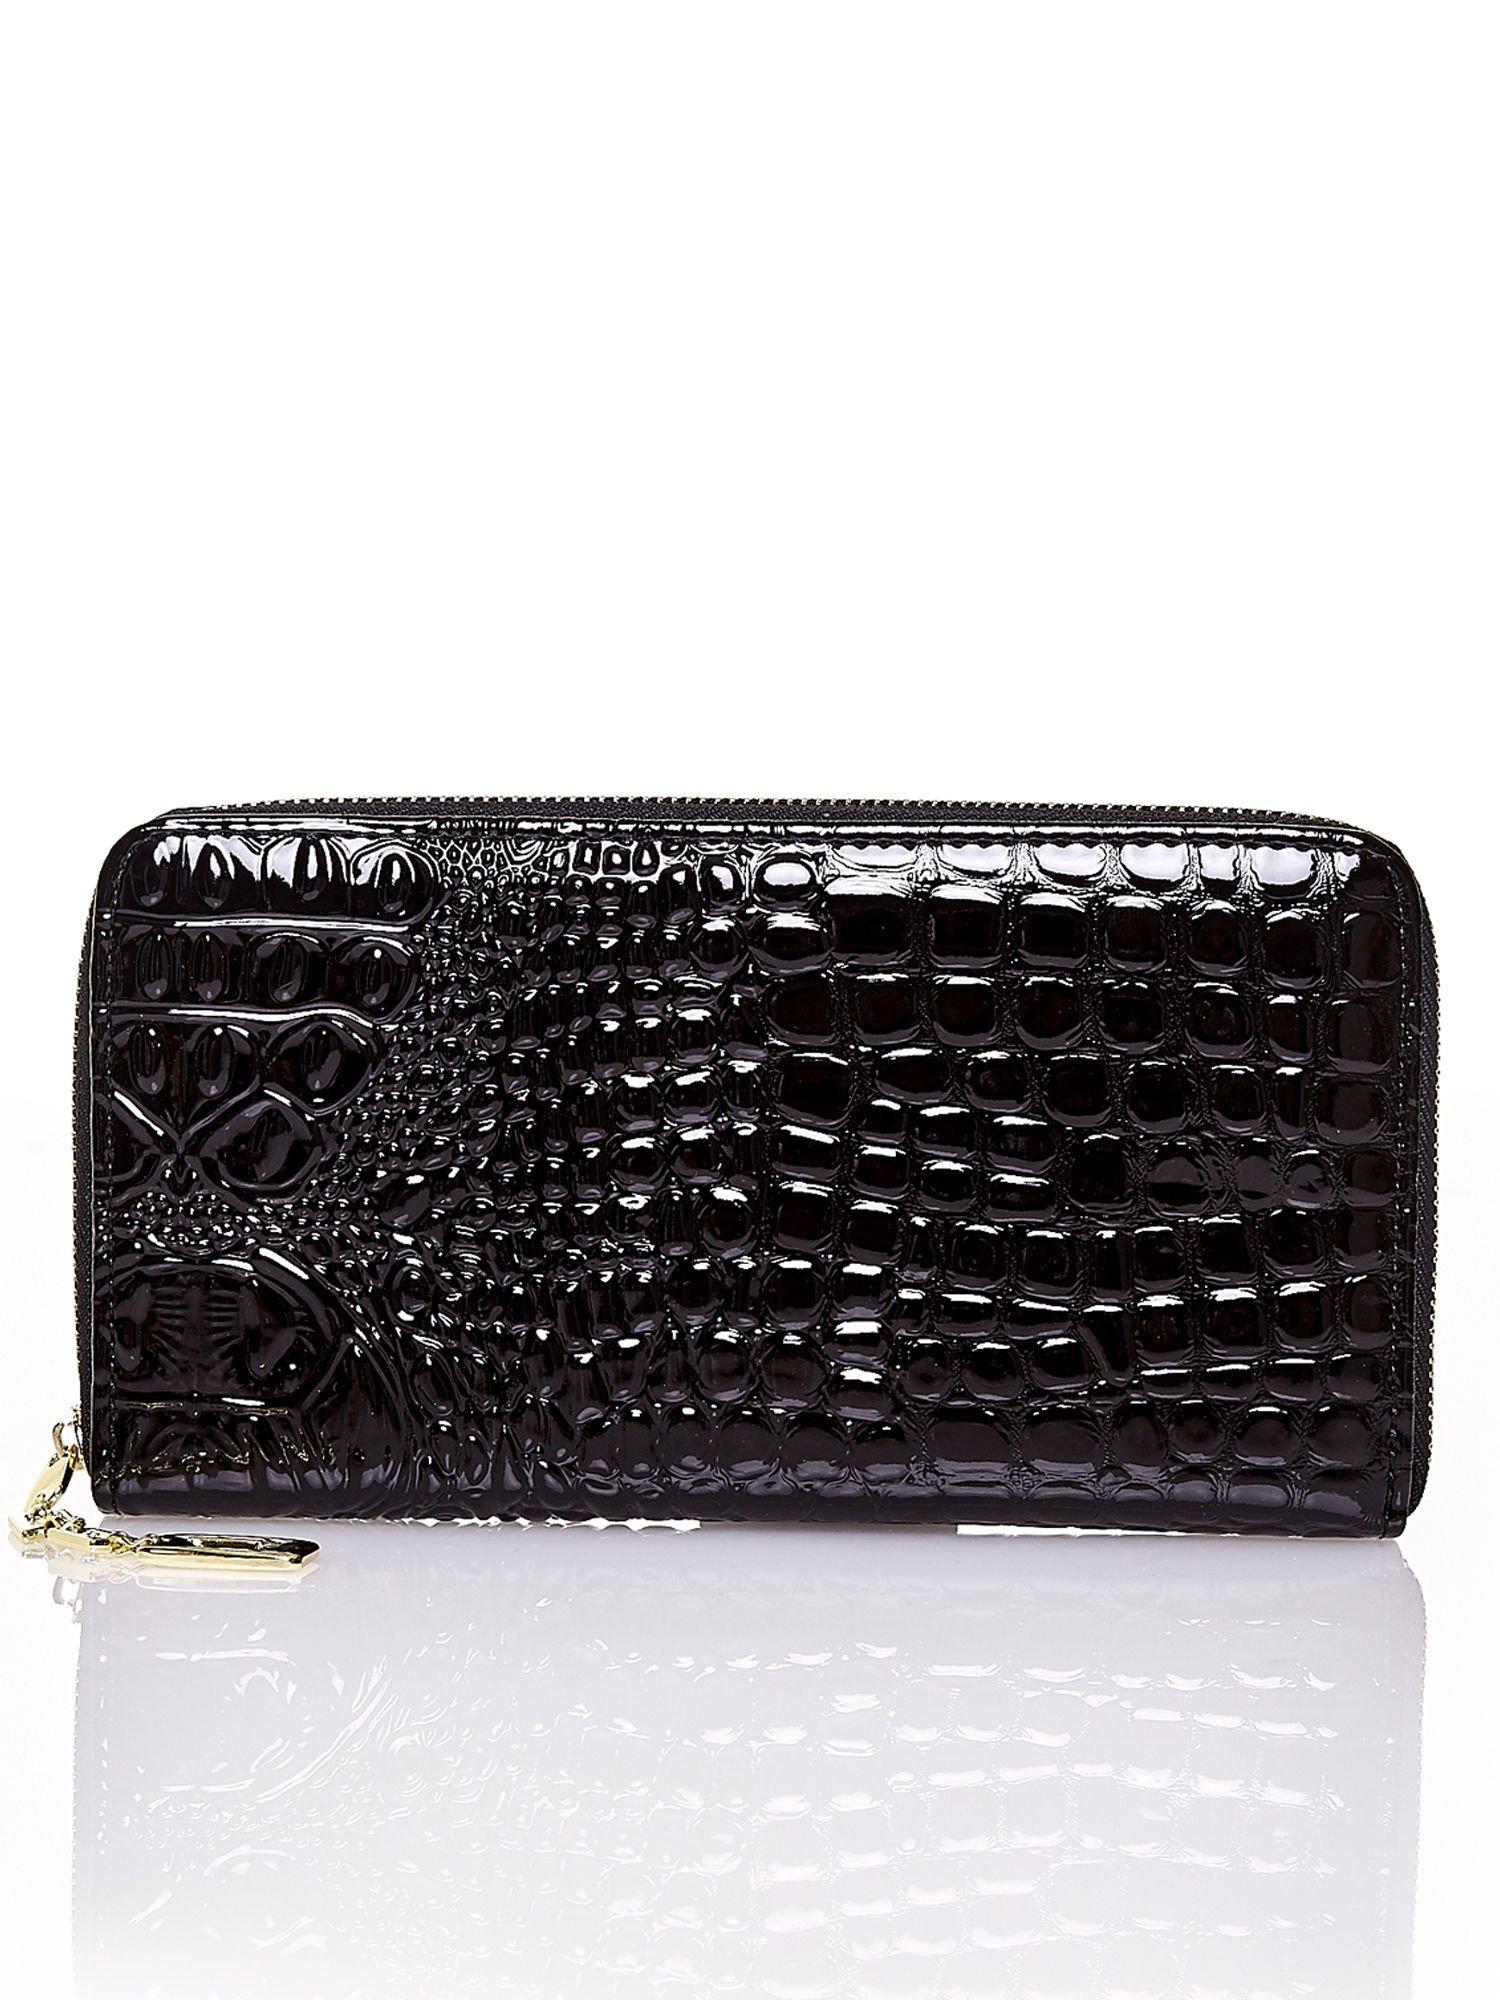 Czarny portfel kopertówka z motywem skóry krokodyla                                  zdj.                                  1